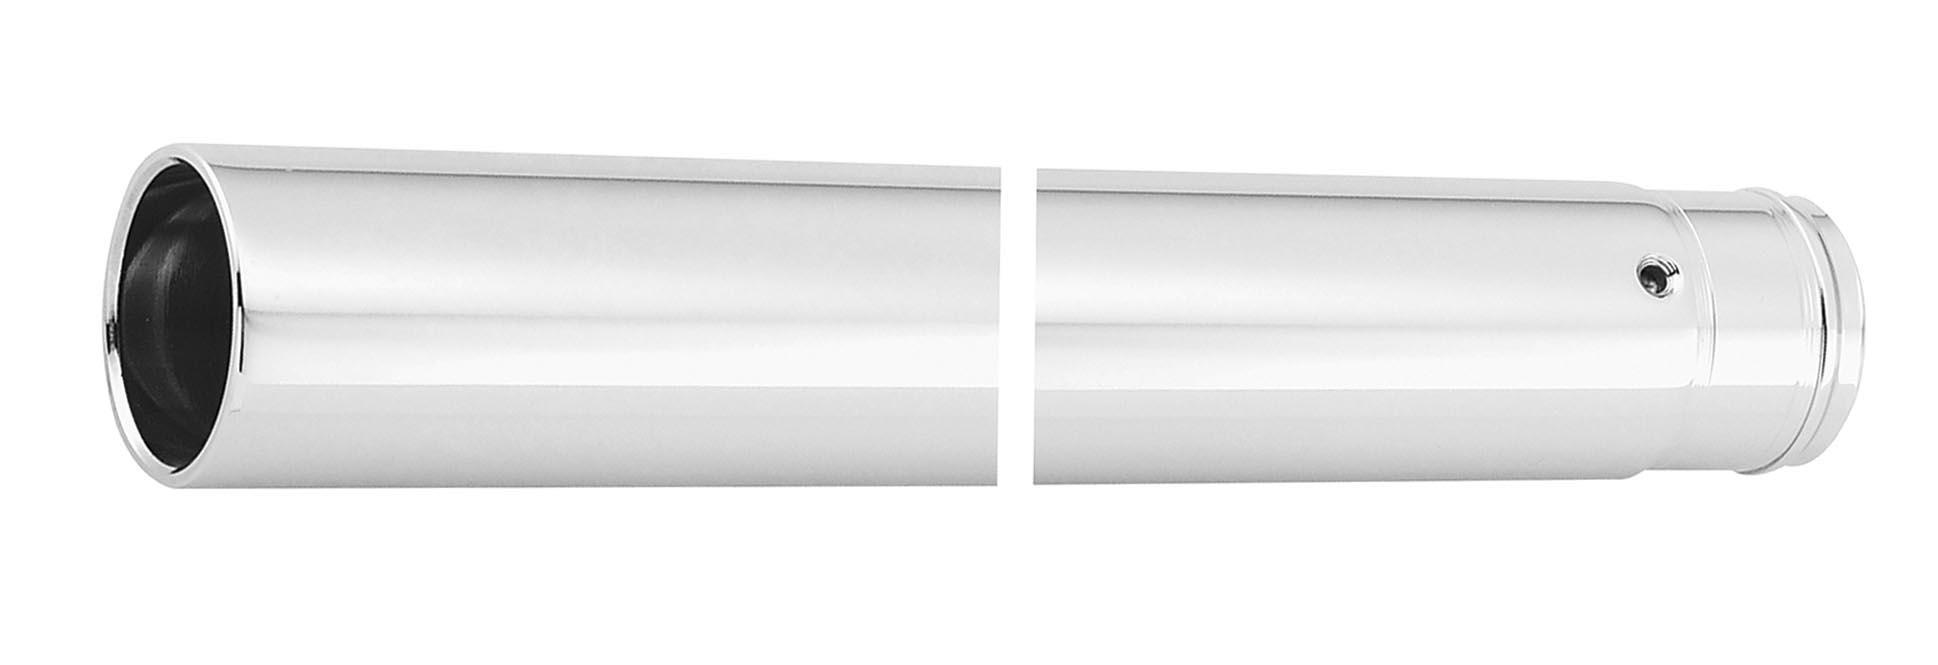 Show Chrome Fork Tubes